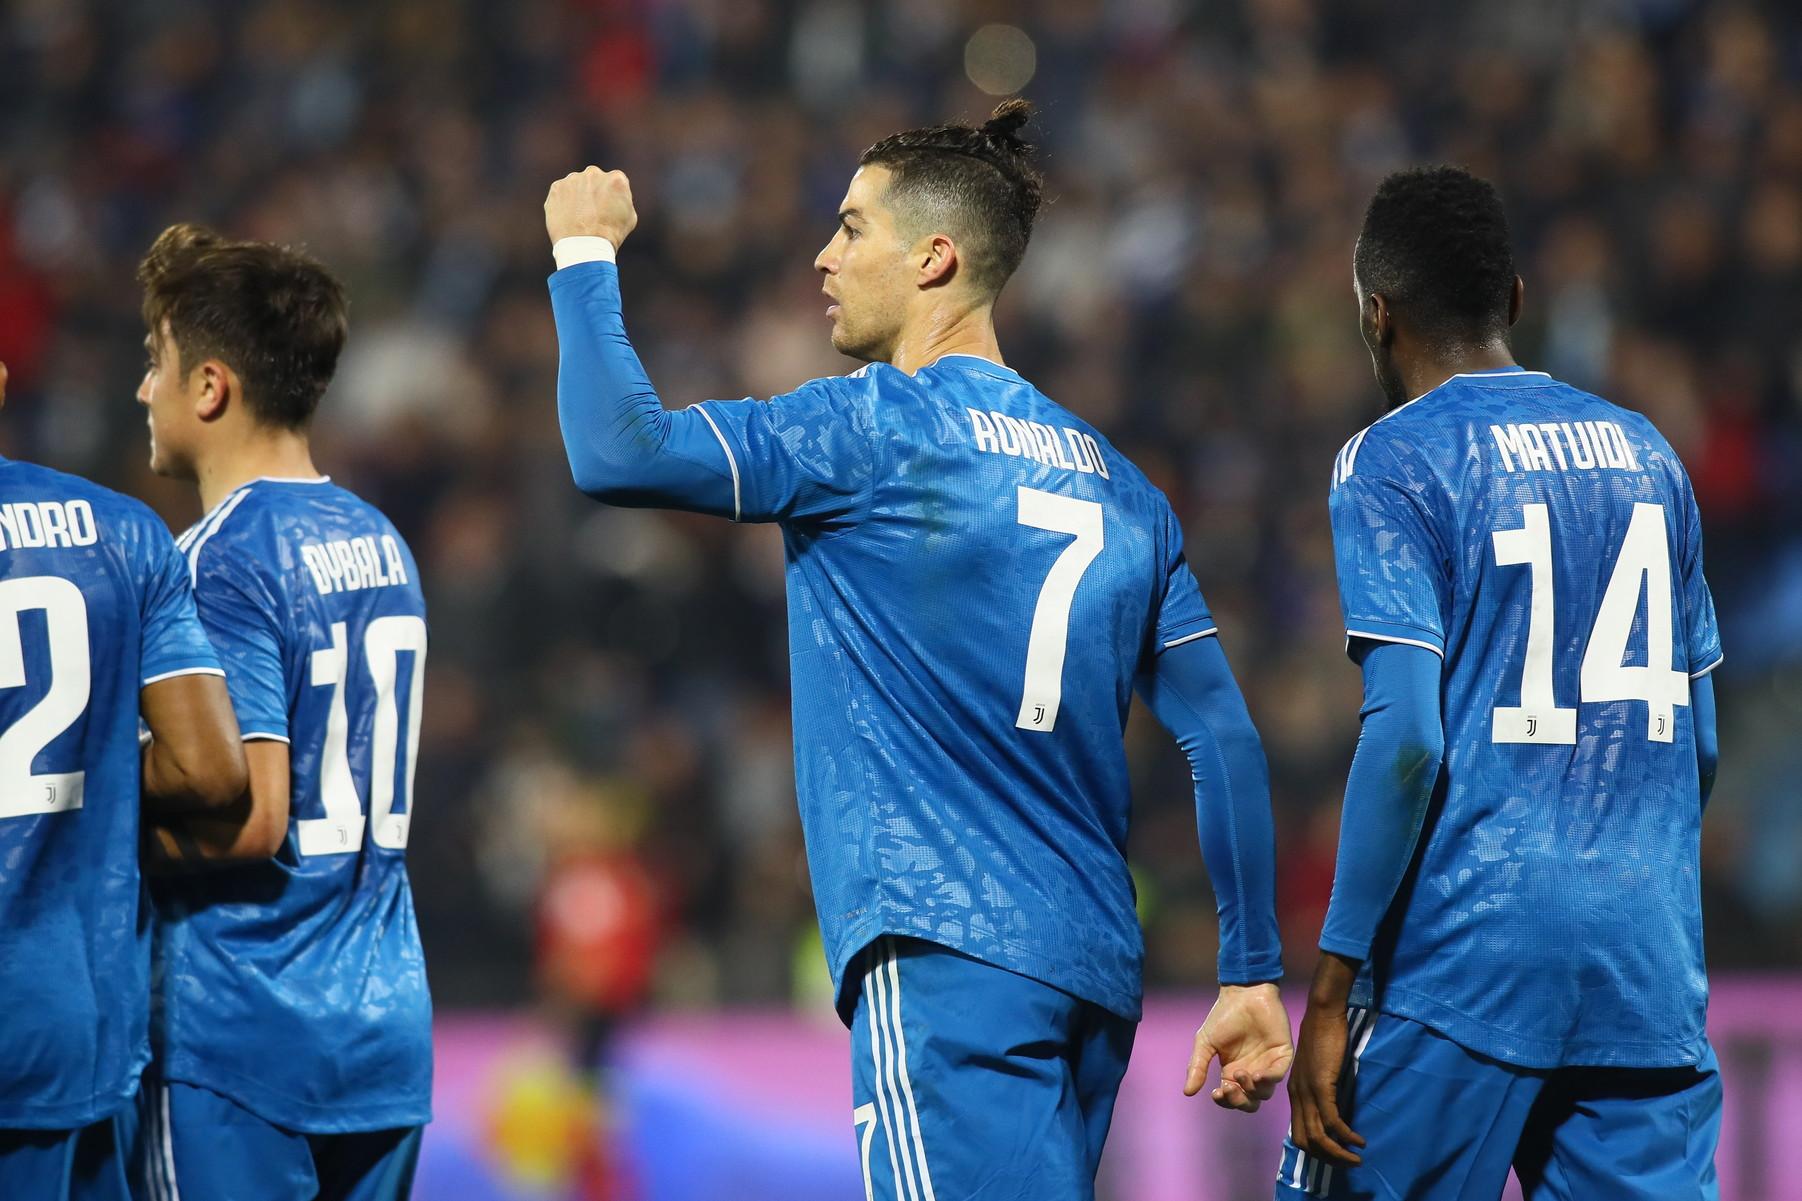 Nel terzo anticipo della 25a giornata di Serie A,la Juventus batte la Spal 2-1, torna a vincere in trasferta e allunga momentaneamente a +4 sulla Lazio.